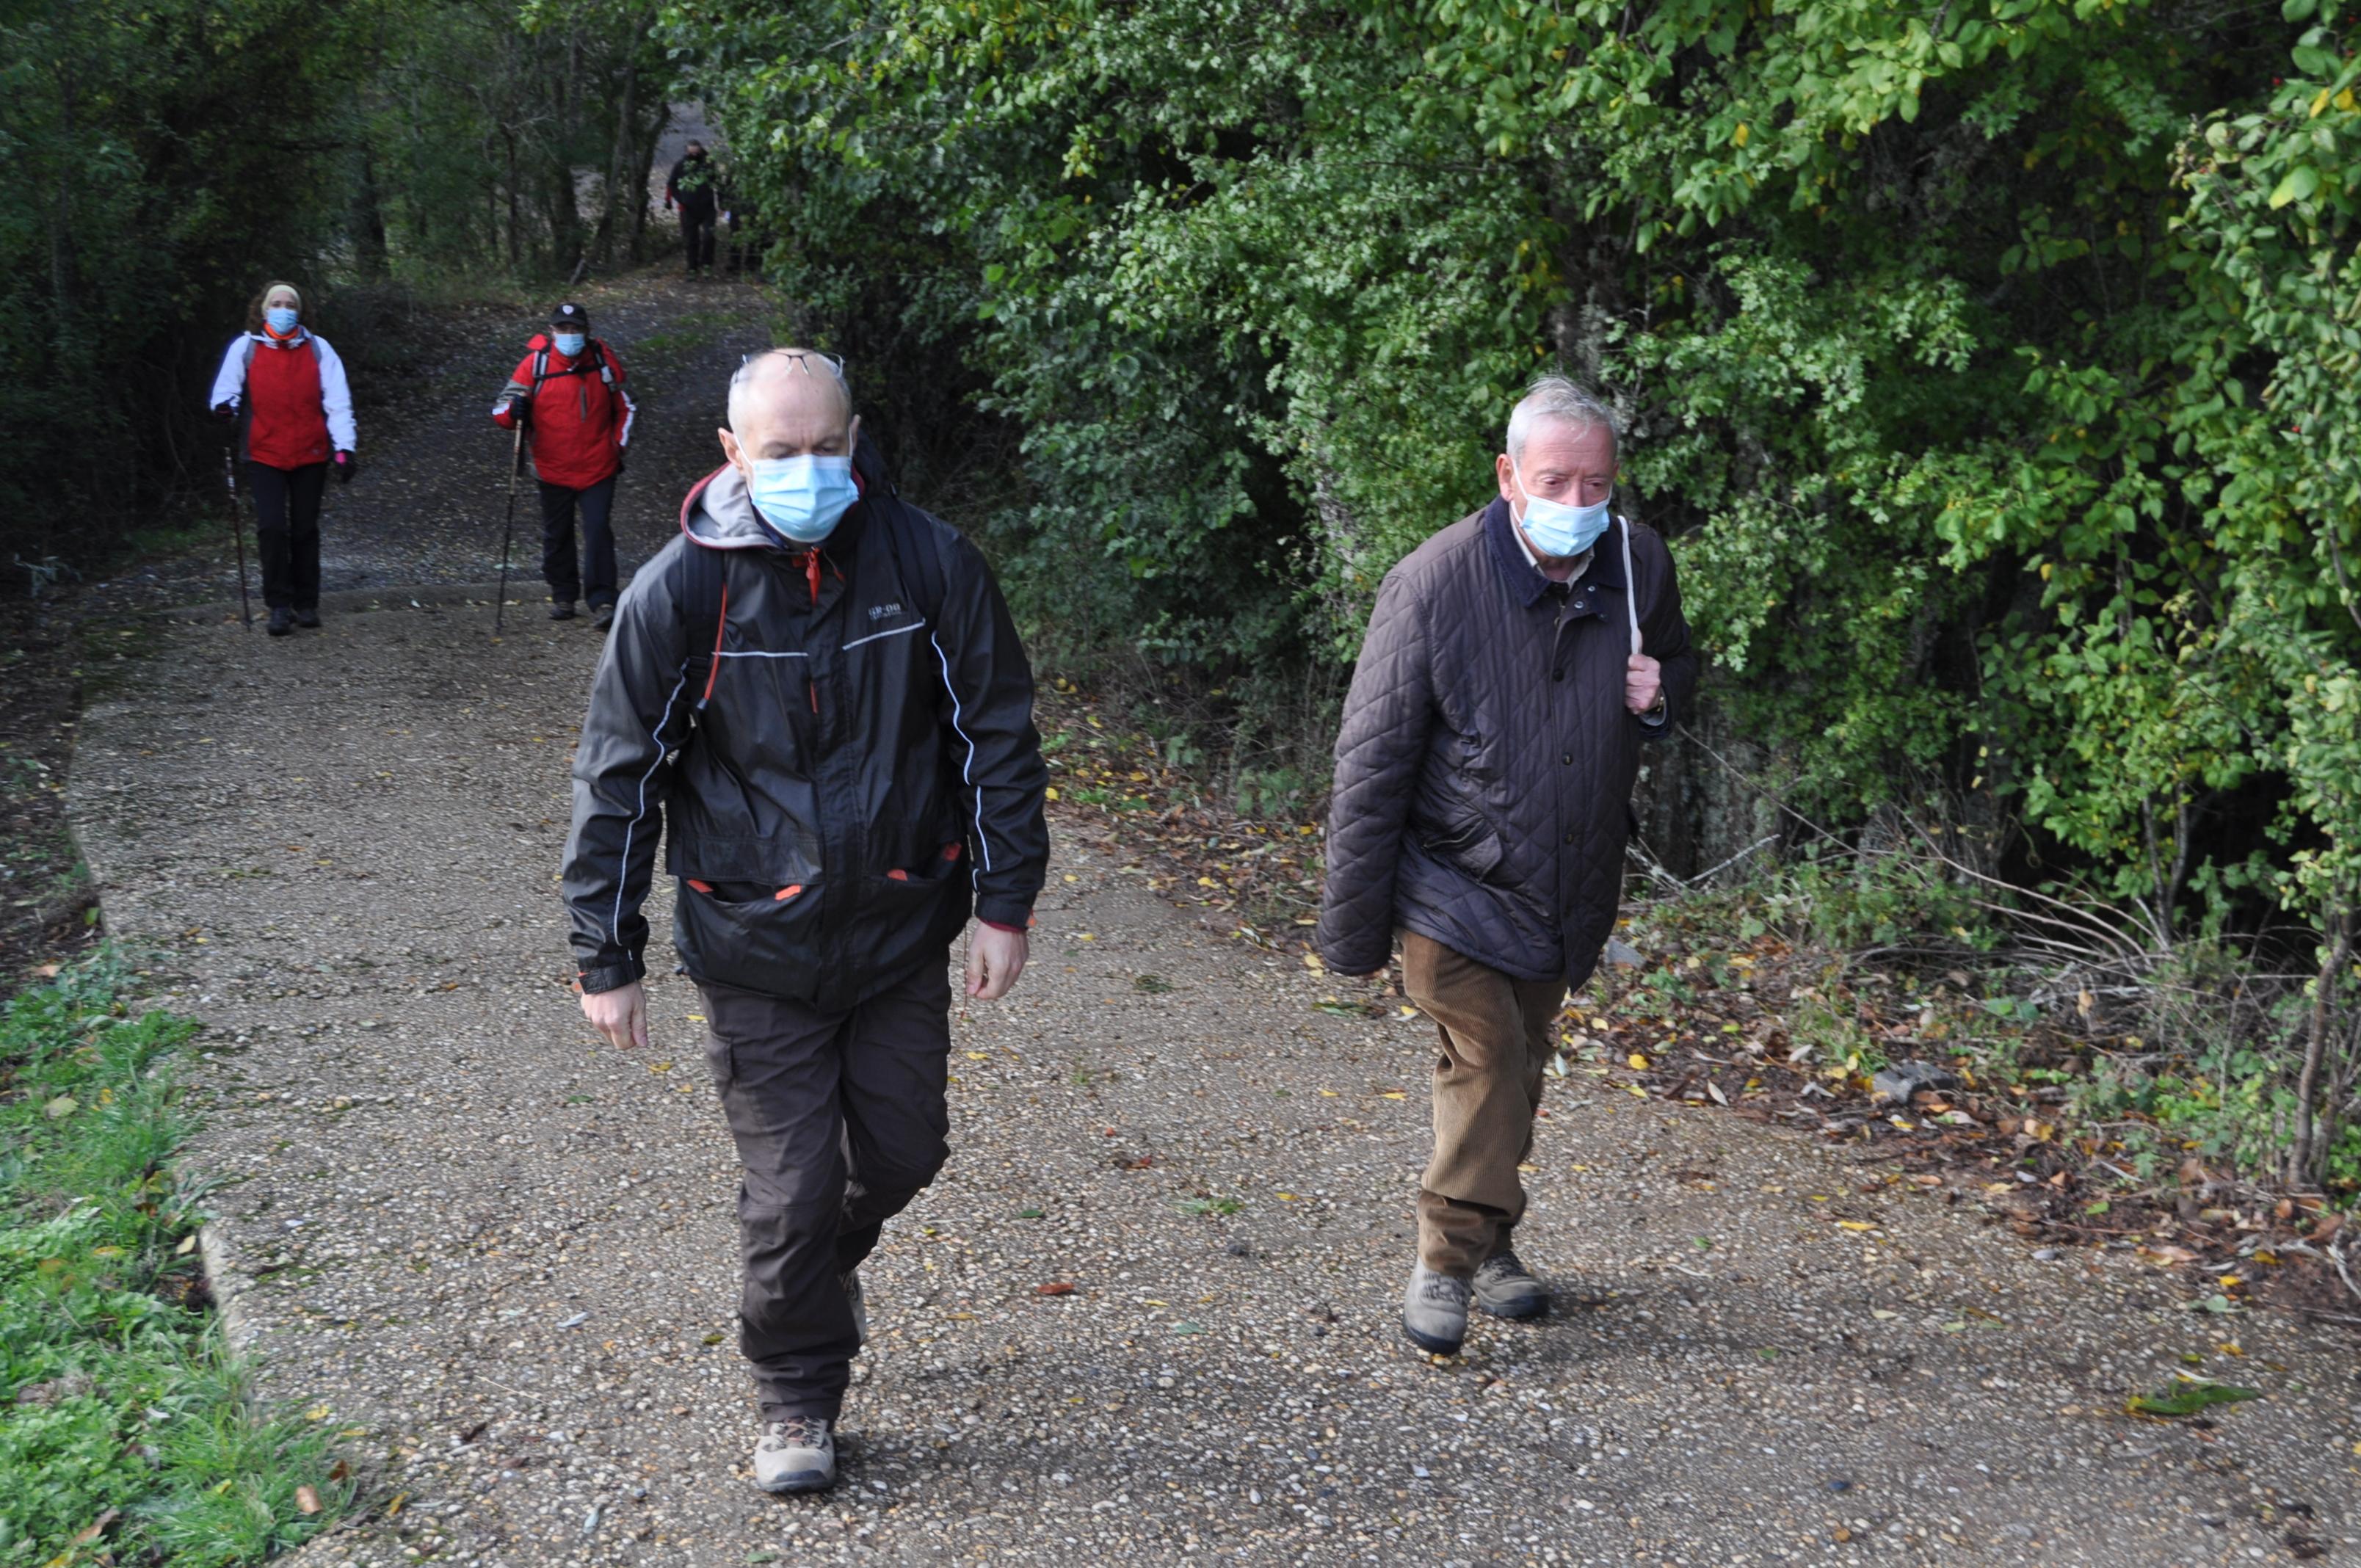 Presidente y Tesorero de Promonumernta Inician el camino hacia Peña Morquera (Foto David Gustavo López)